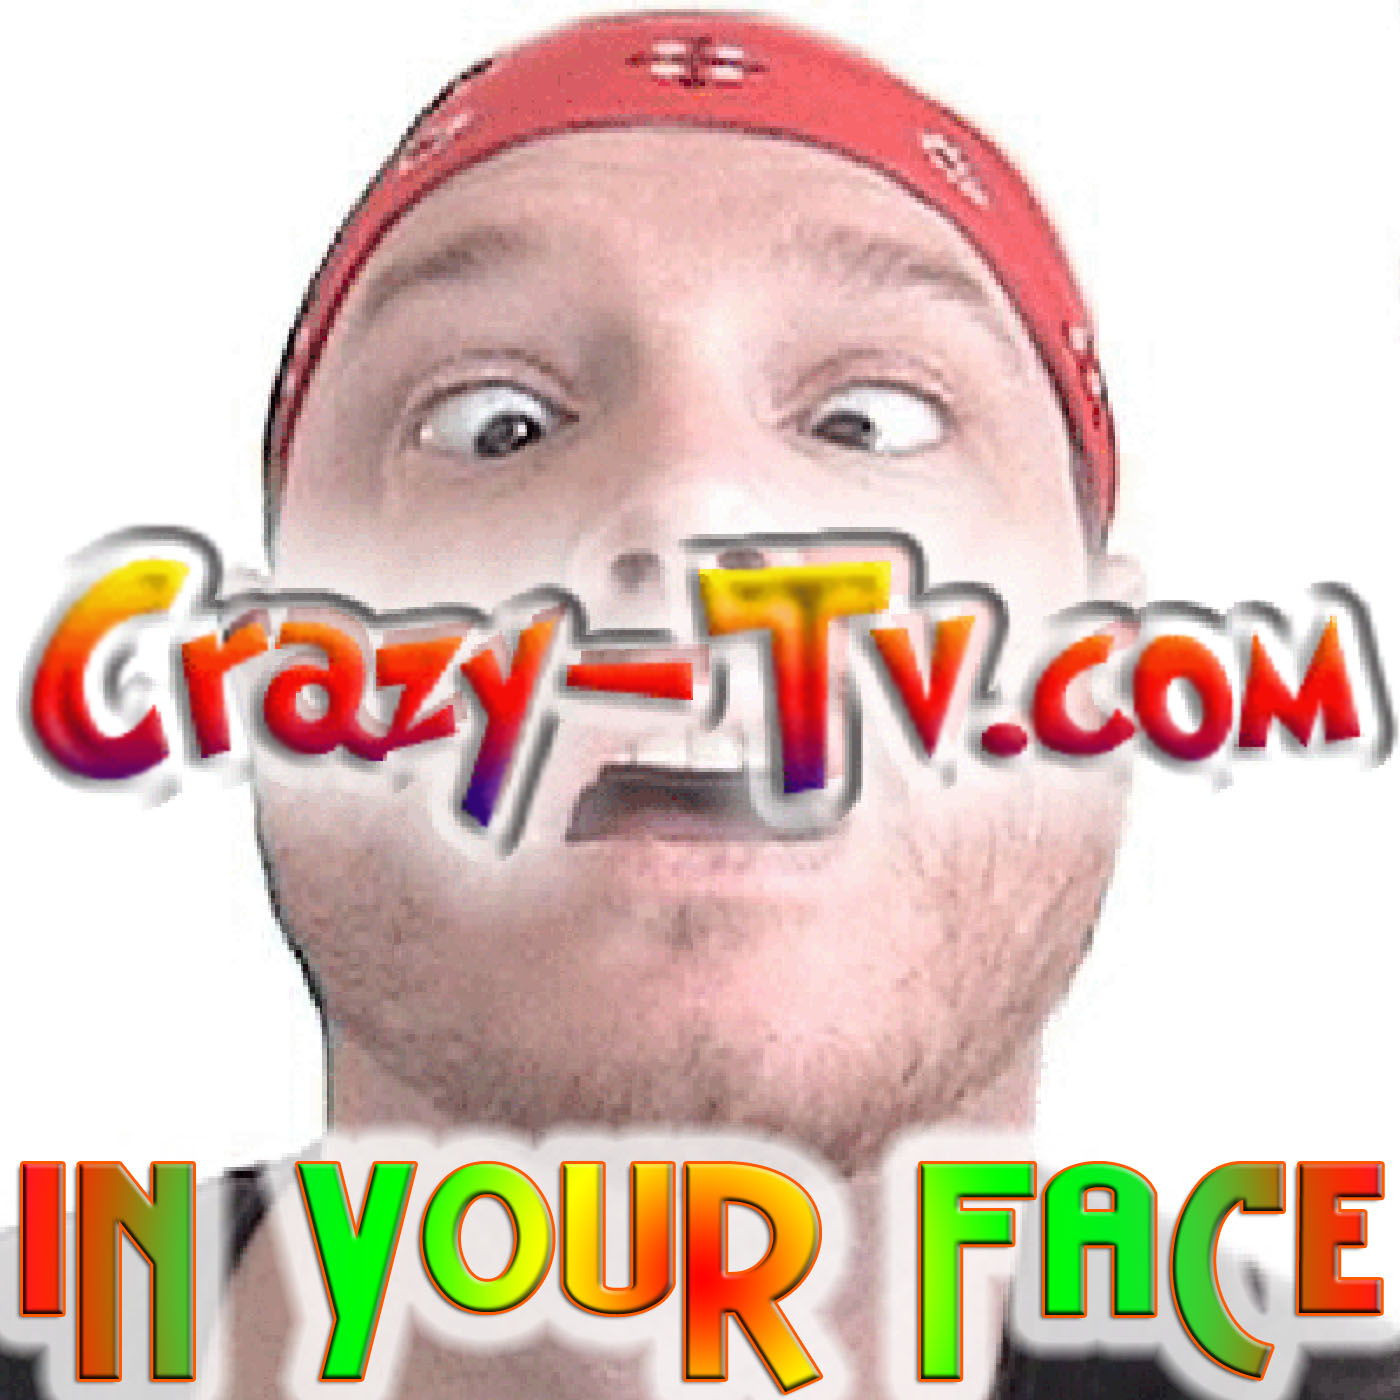 Crazy-Tv